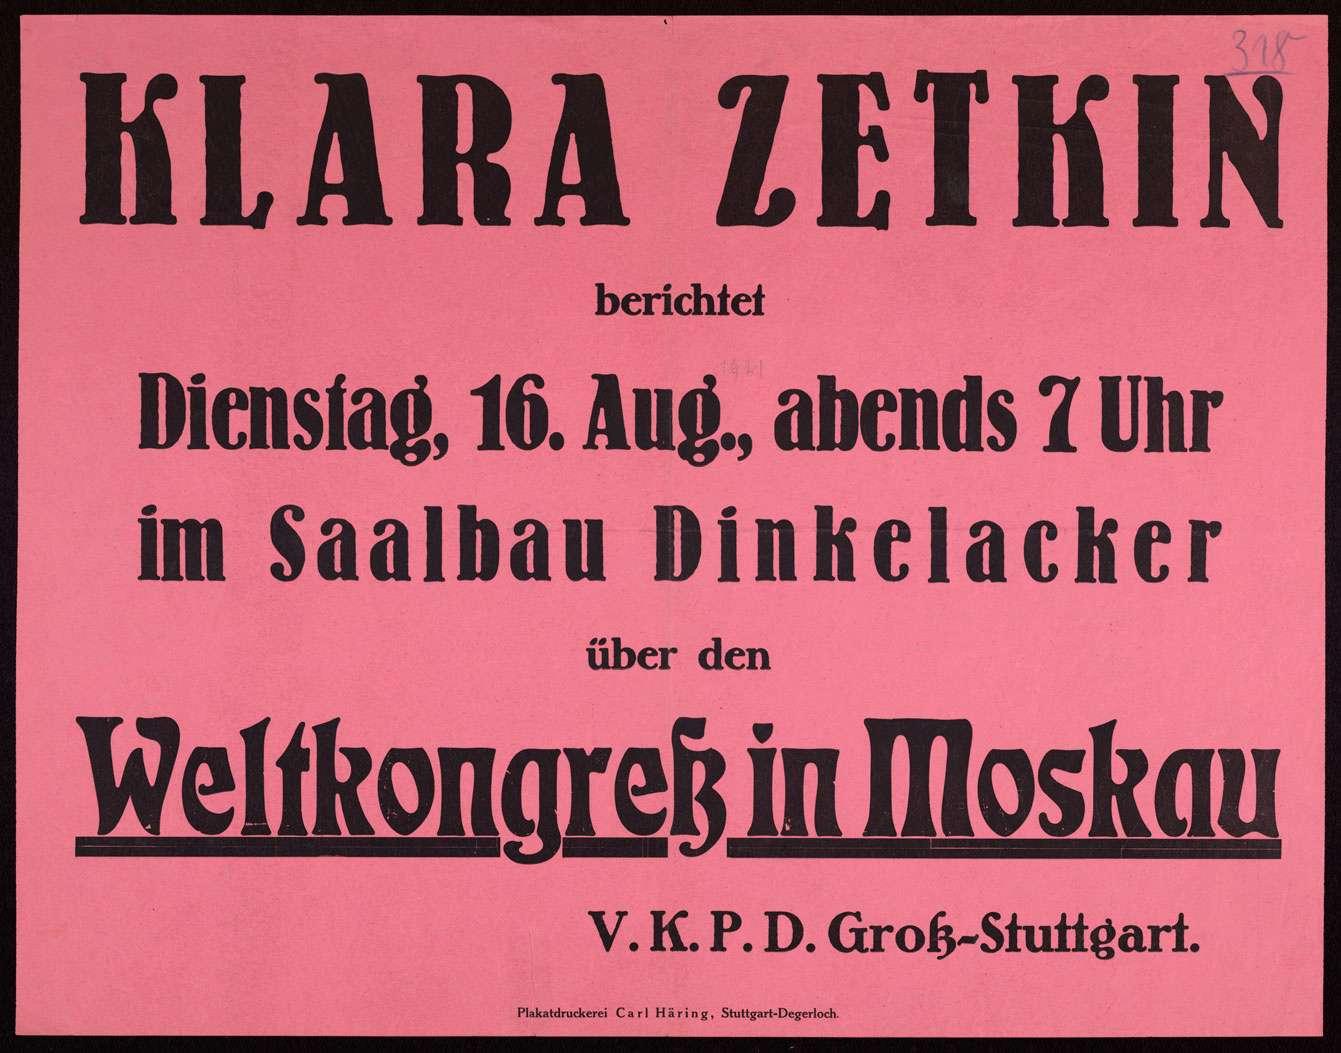 """""""Klara Zetkin berichtet am Dienstag, 16. Aug. (...) über den Weltkongreß in Moskau"""", Bild 1"""